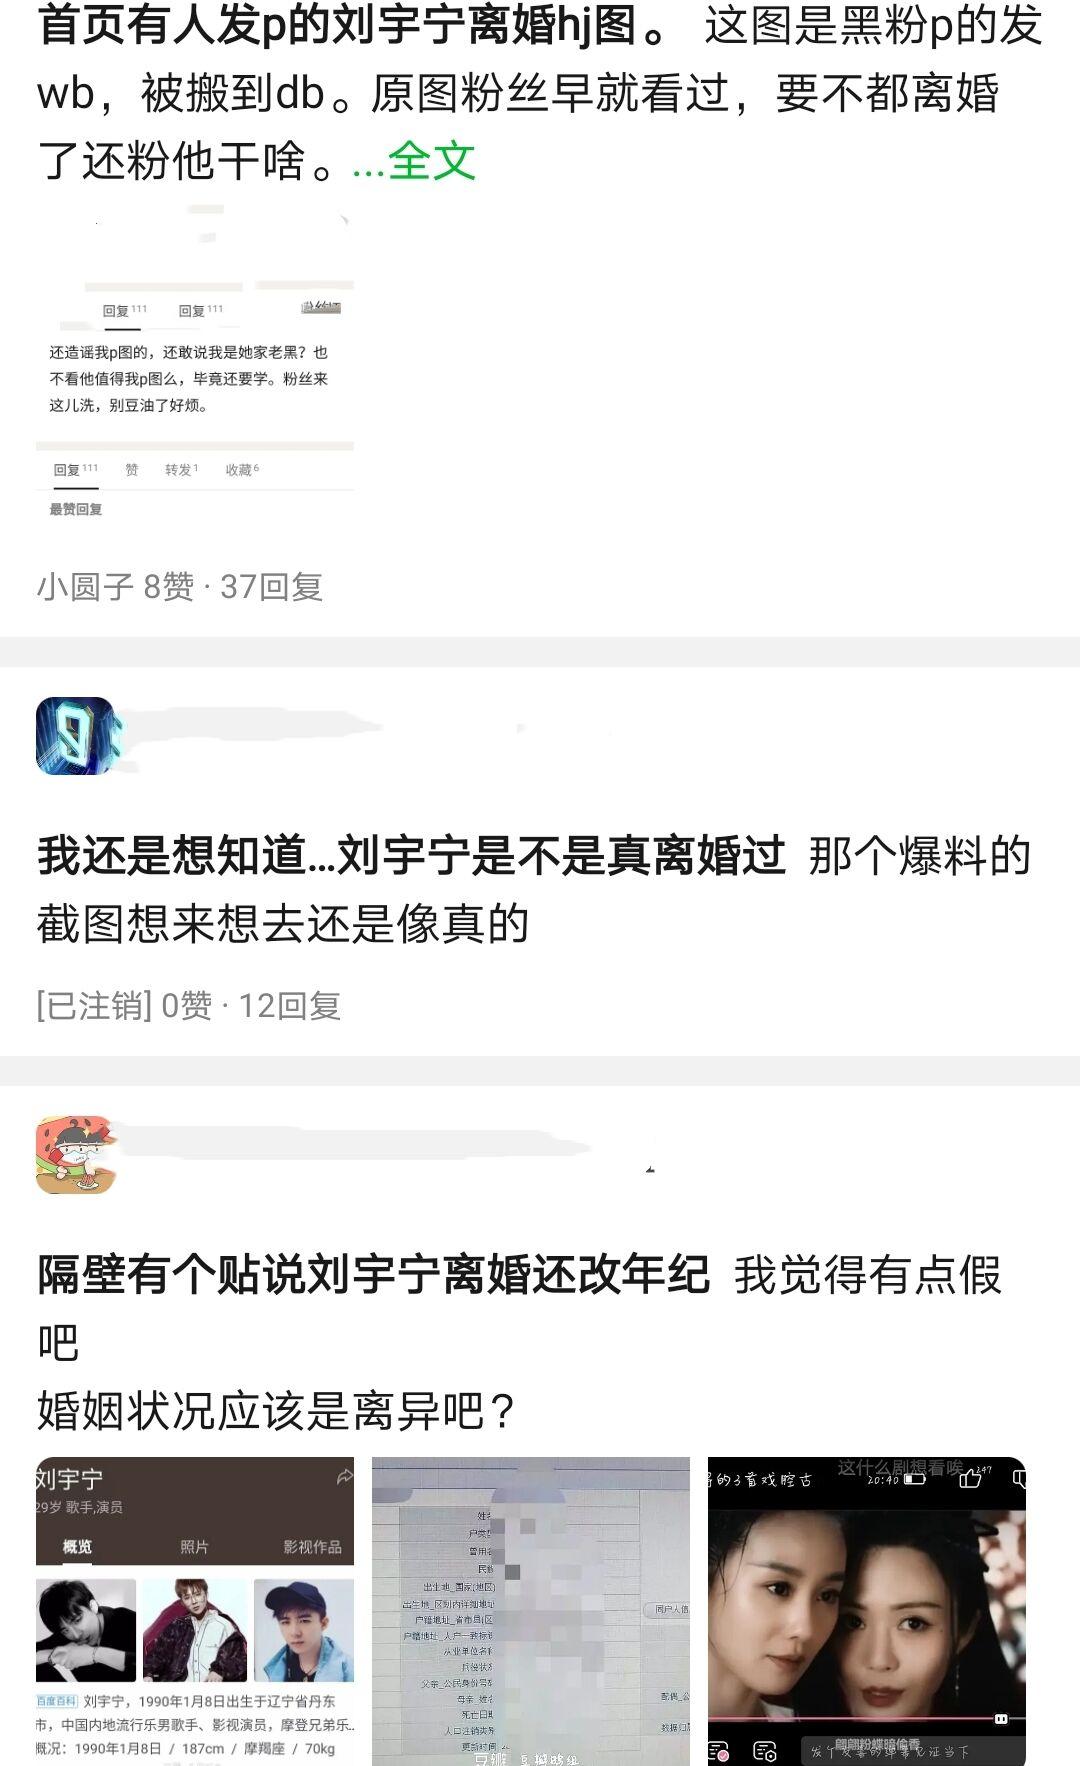 刘宇宁结婚了没有 网友爆料说刘宇宁已婚而且现在已经离婚是真的吗